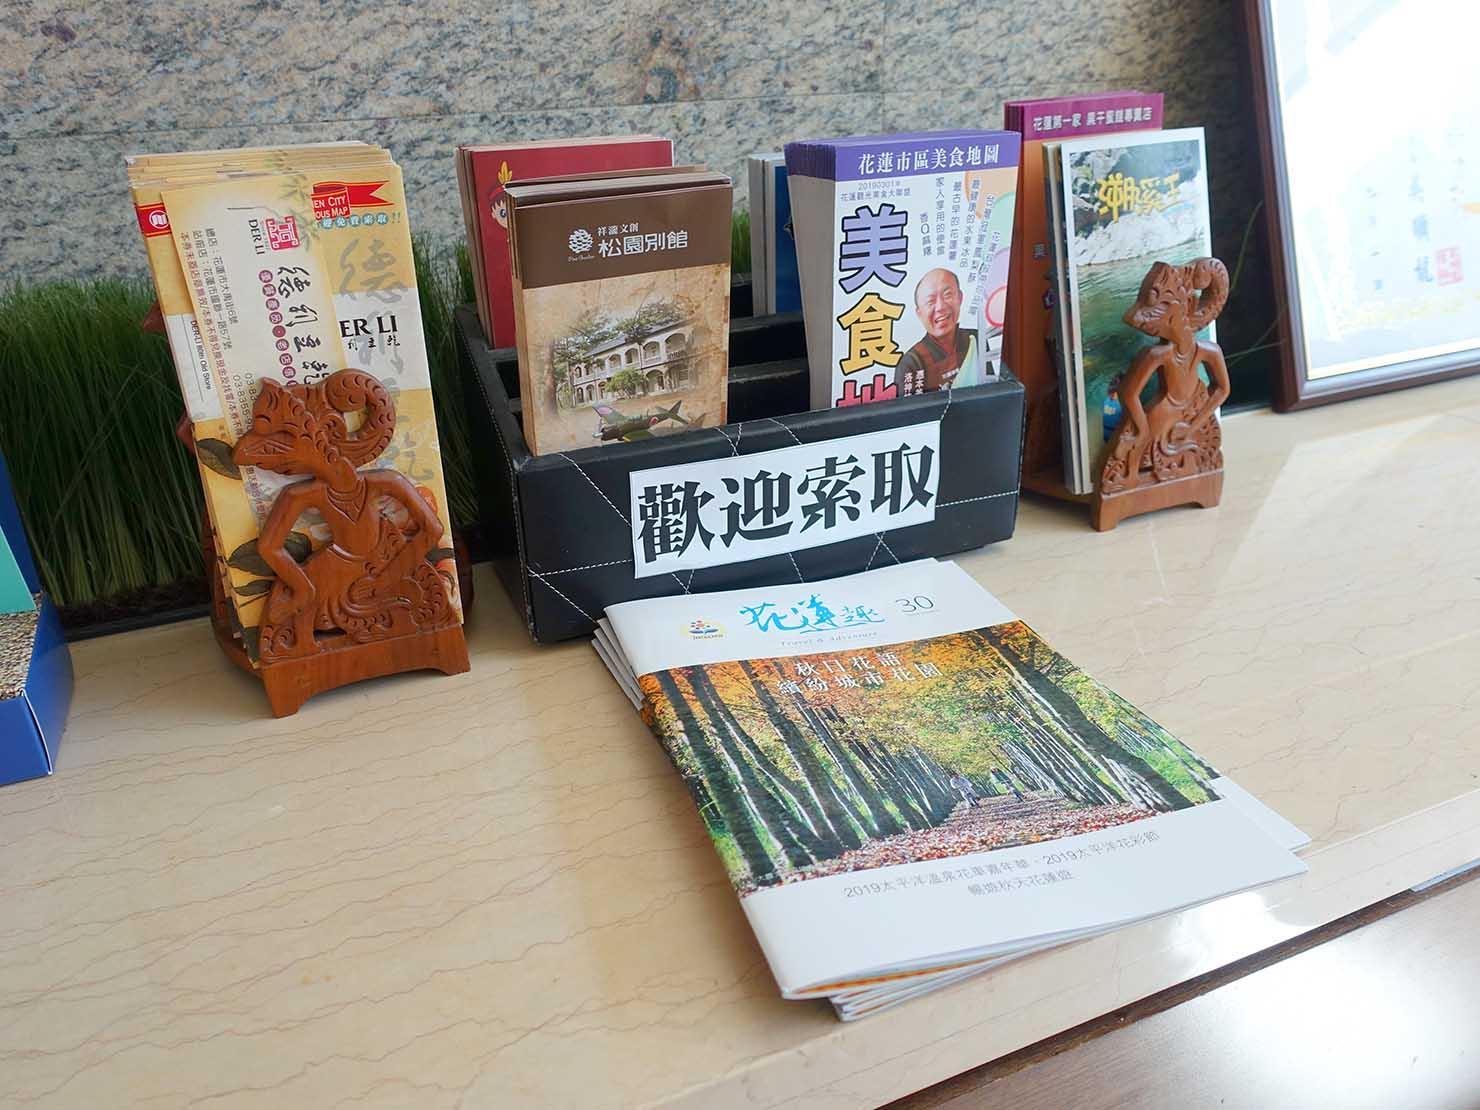 花蓮市街中心部にあるホテル「馥麗生活旅店 Quality Inn」ロビーに準備された観光パンフレット